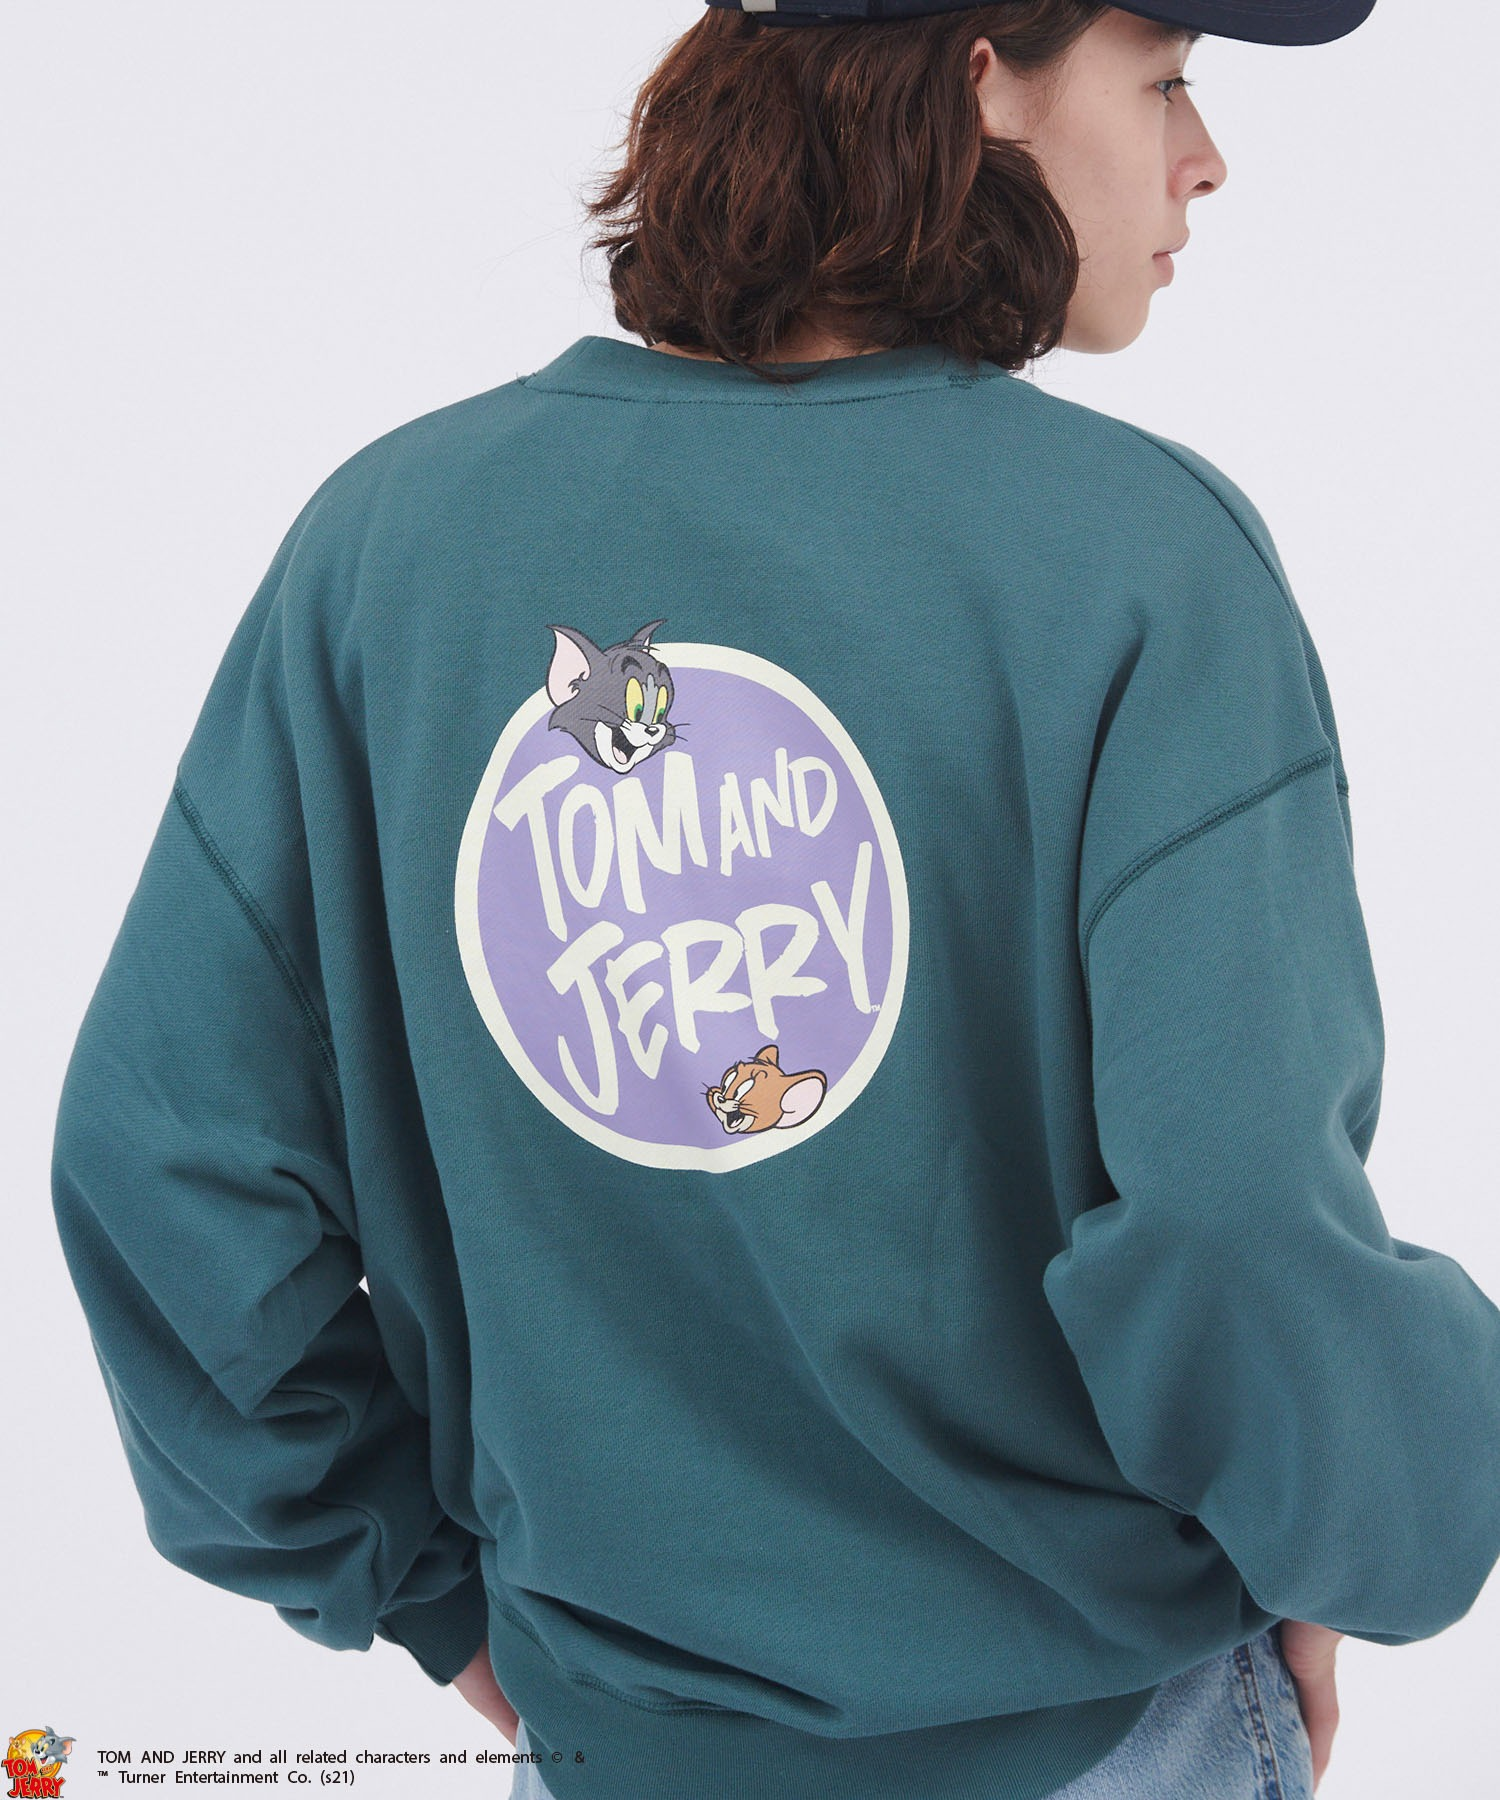 【DISCUS ATHLETIC×TOM AND JERRY/LOONEY TUNES】ディスカスアスレチック×トムとジェリー/ルーニー・テューンズ ビッグシルエットレトロデザイン裏毛スウェット